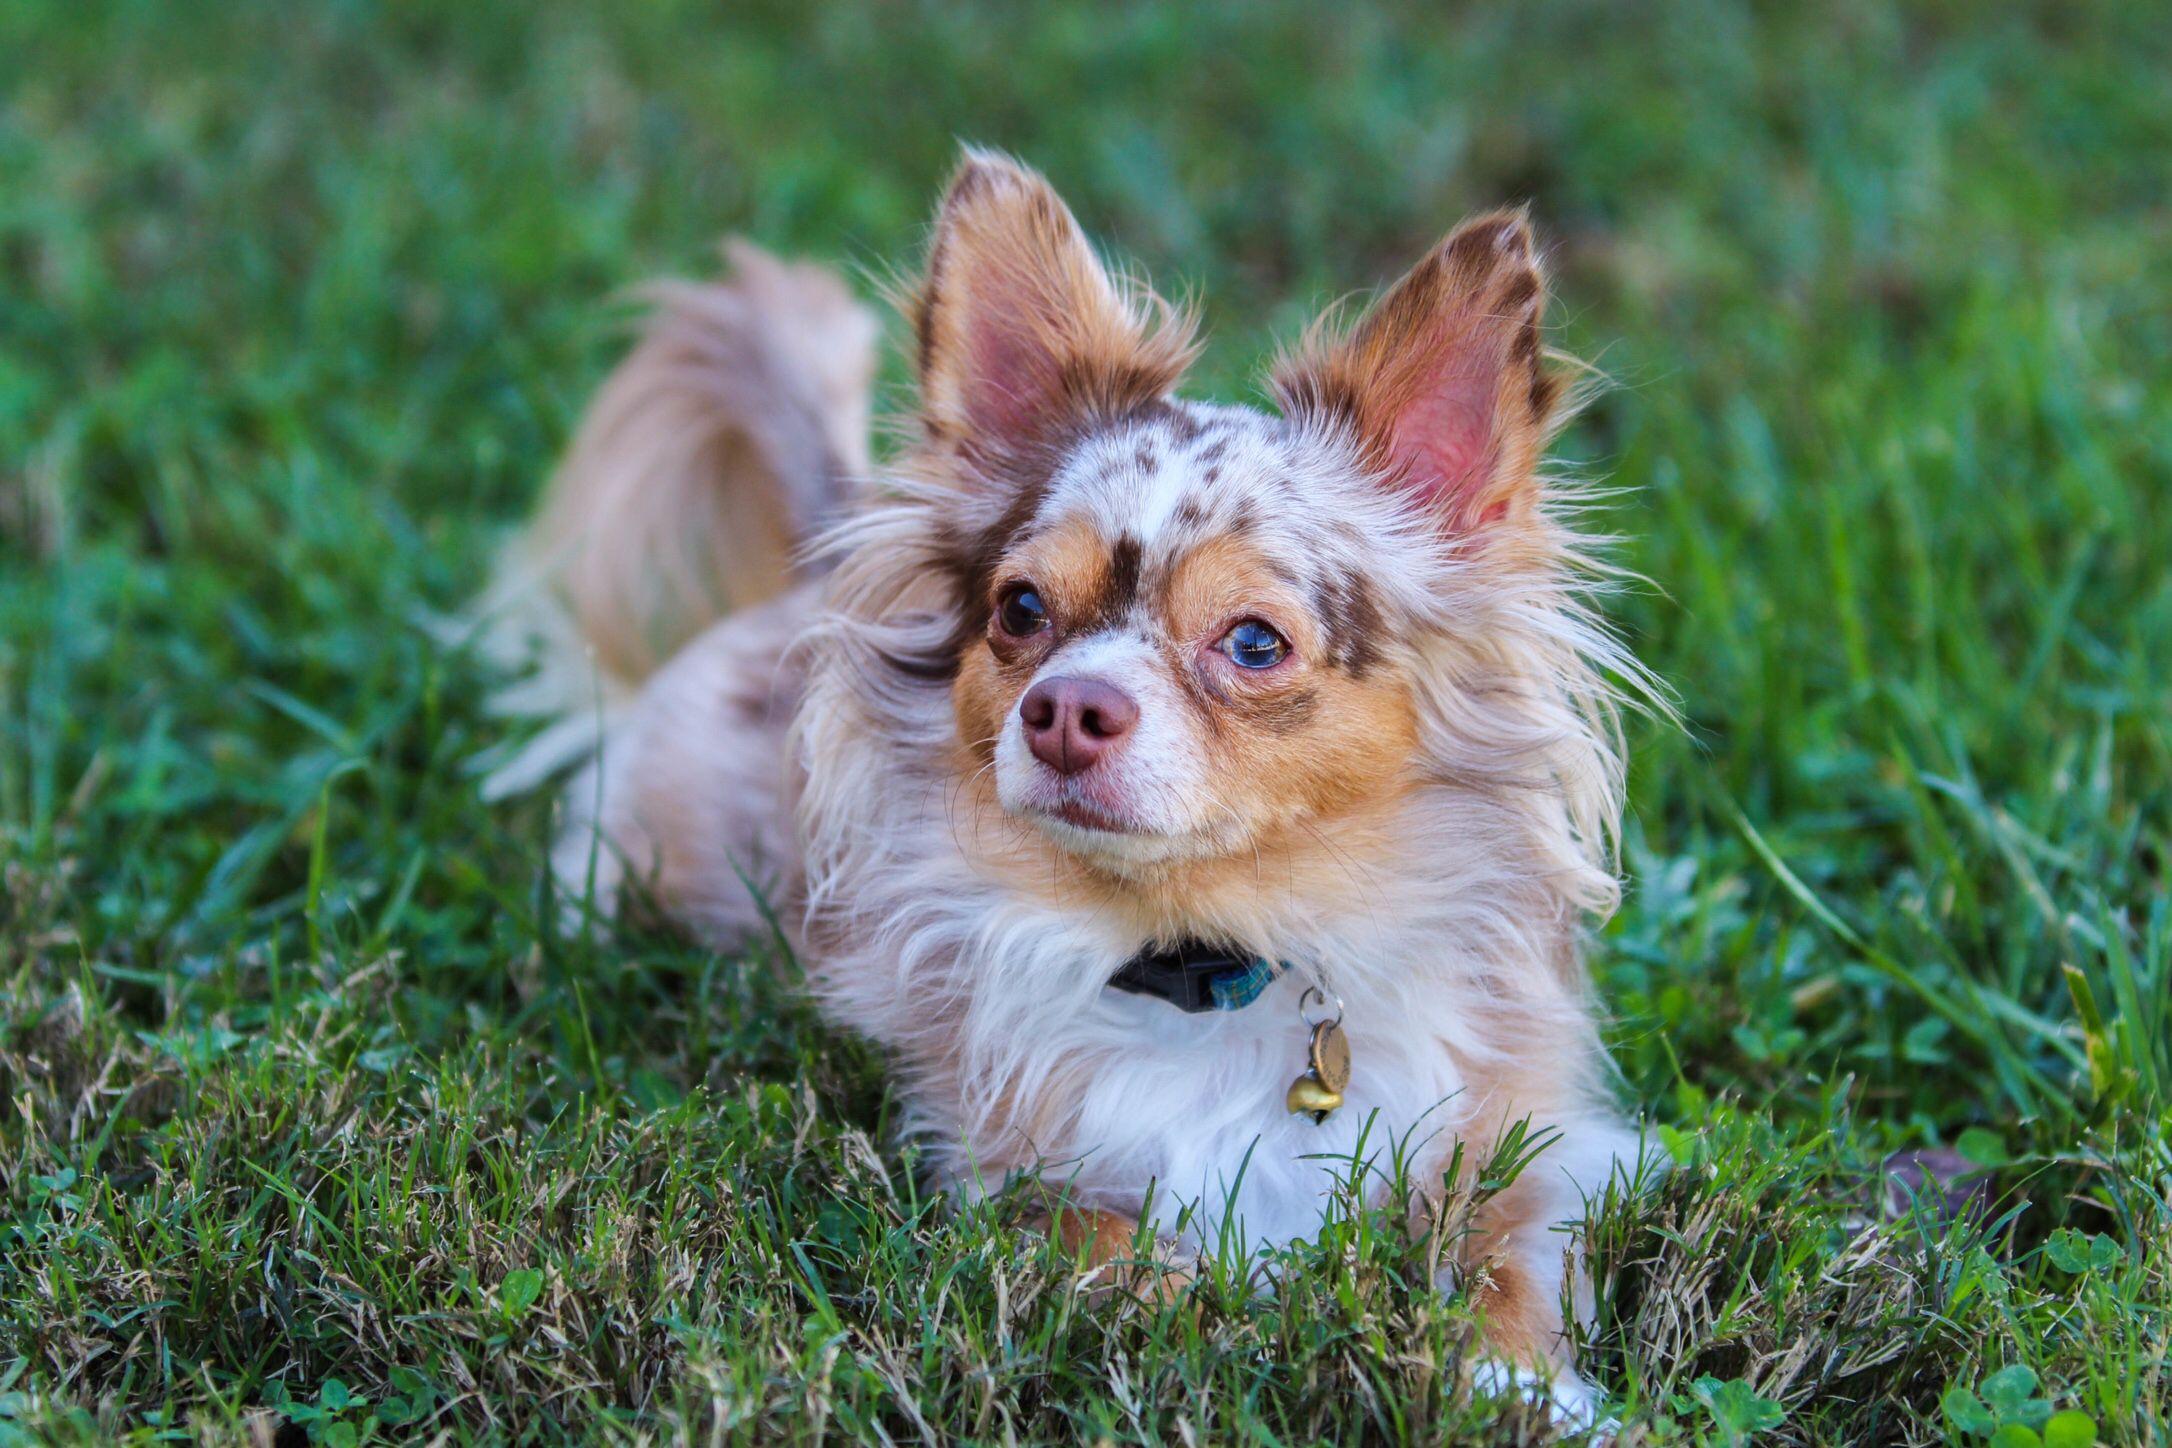 Cooper The Chocolate Merle Chihuahua Merle Chihuahua Chihuahua Love Cute Chihuahua